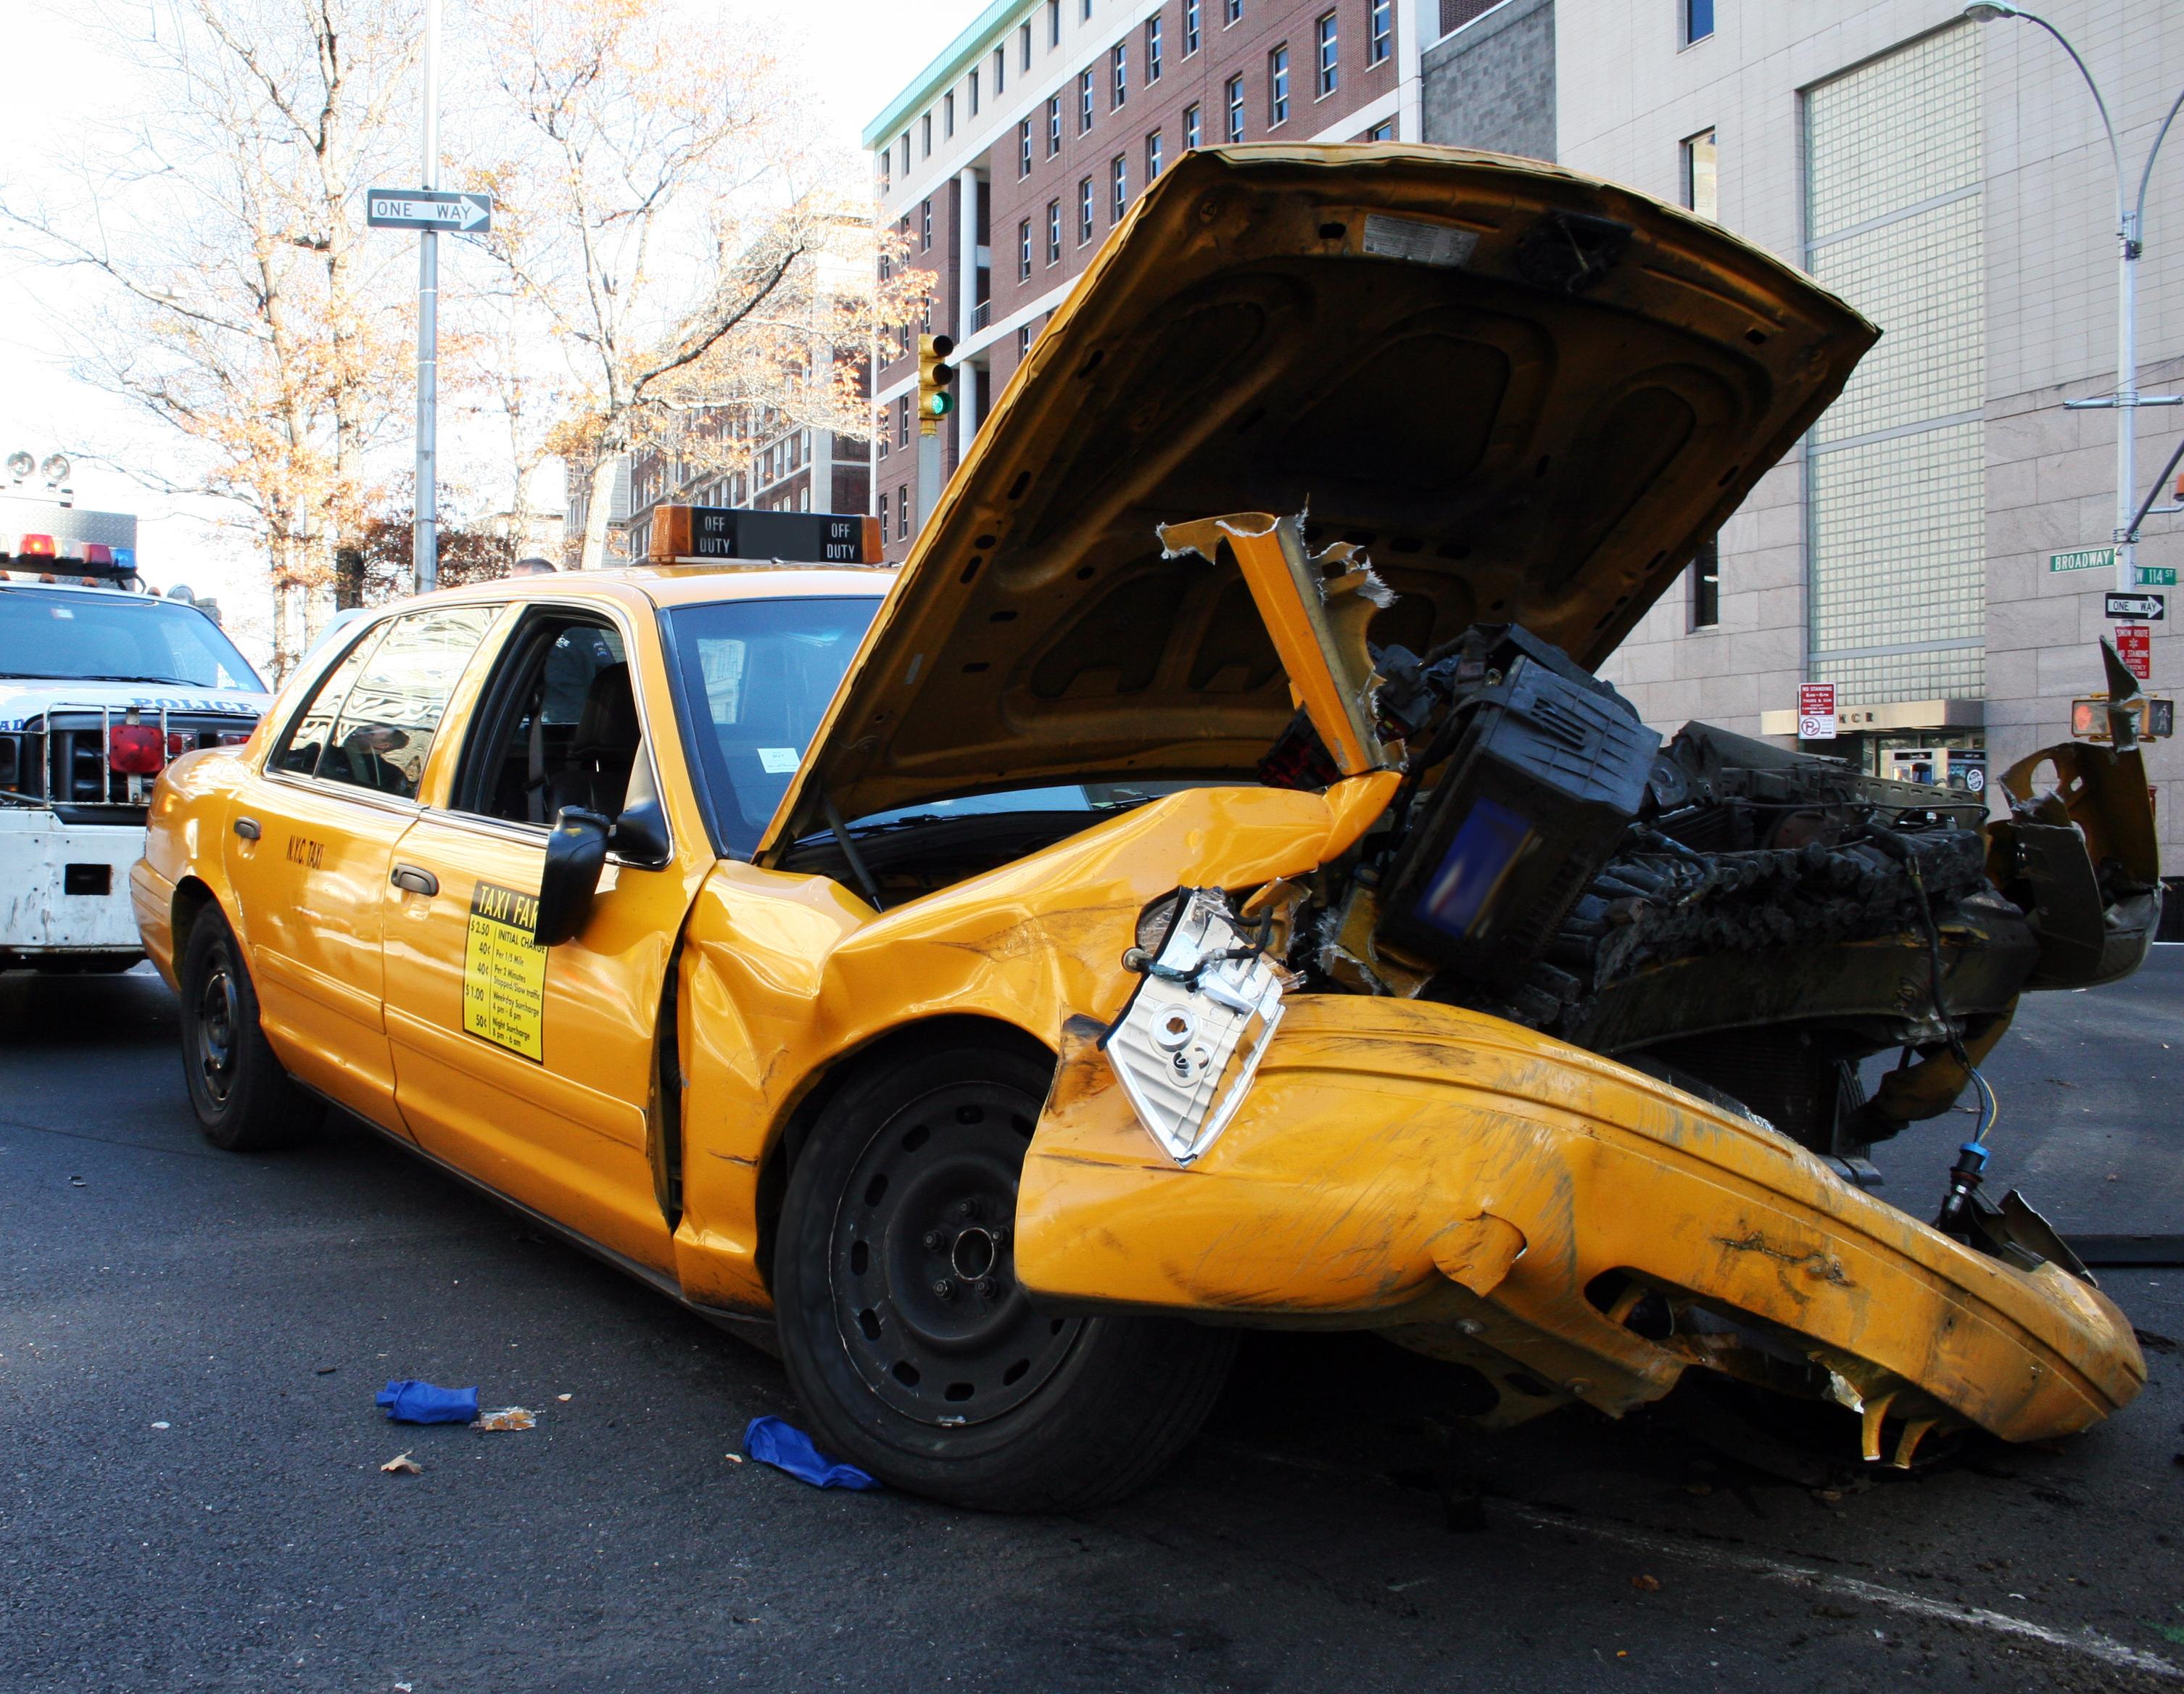 Taxi Unfall; Verletzungen im New York Taxi